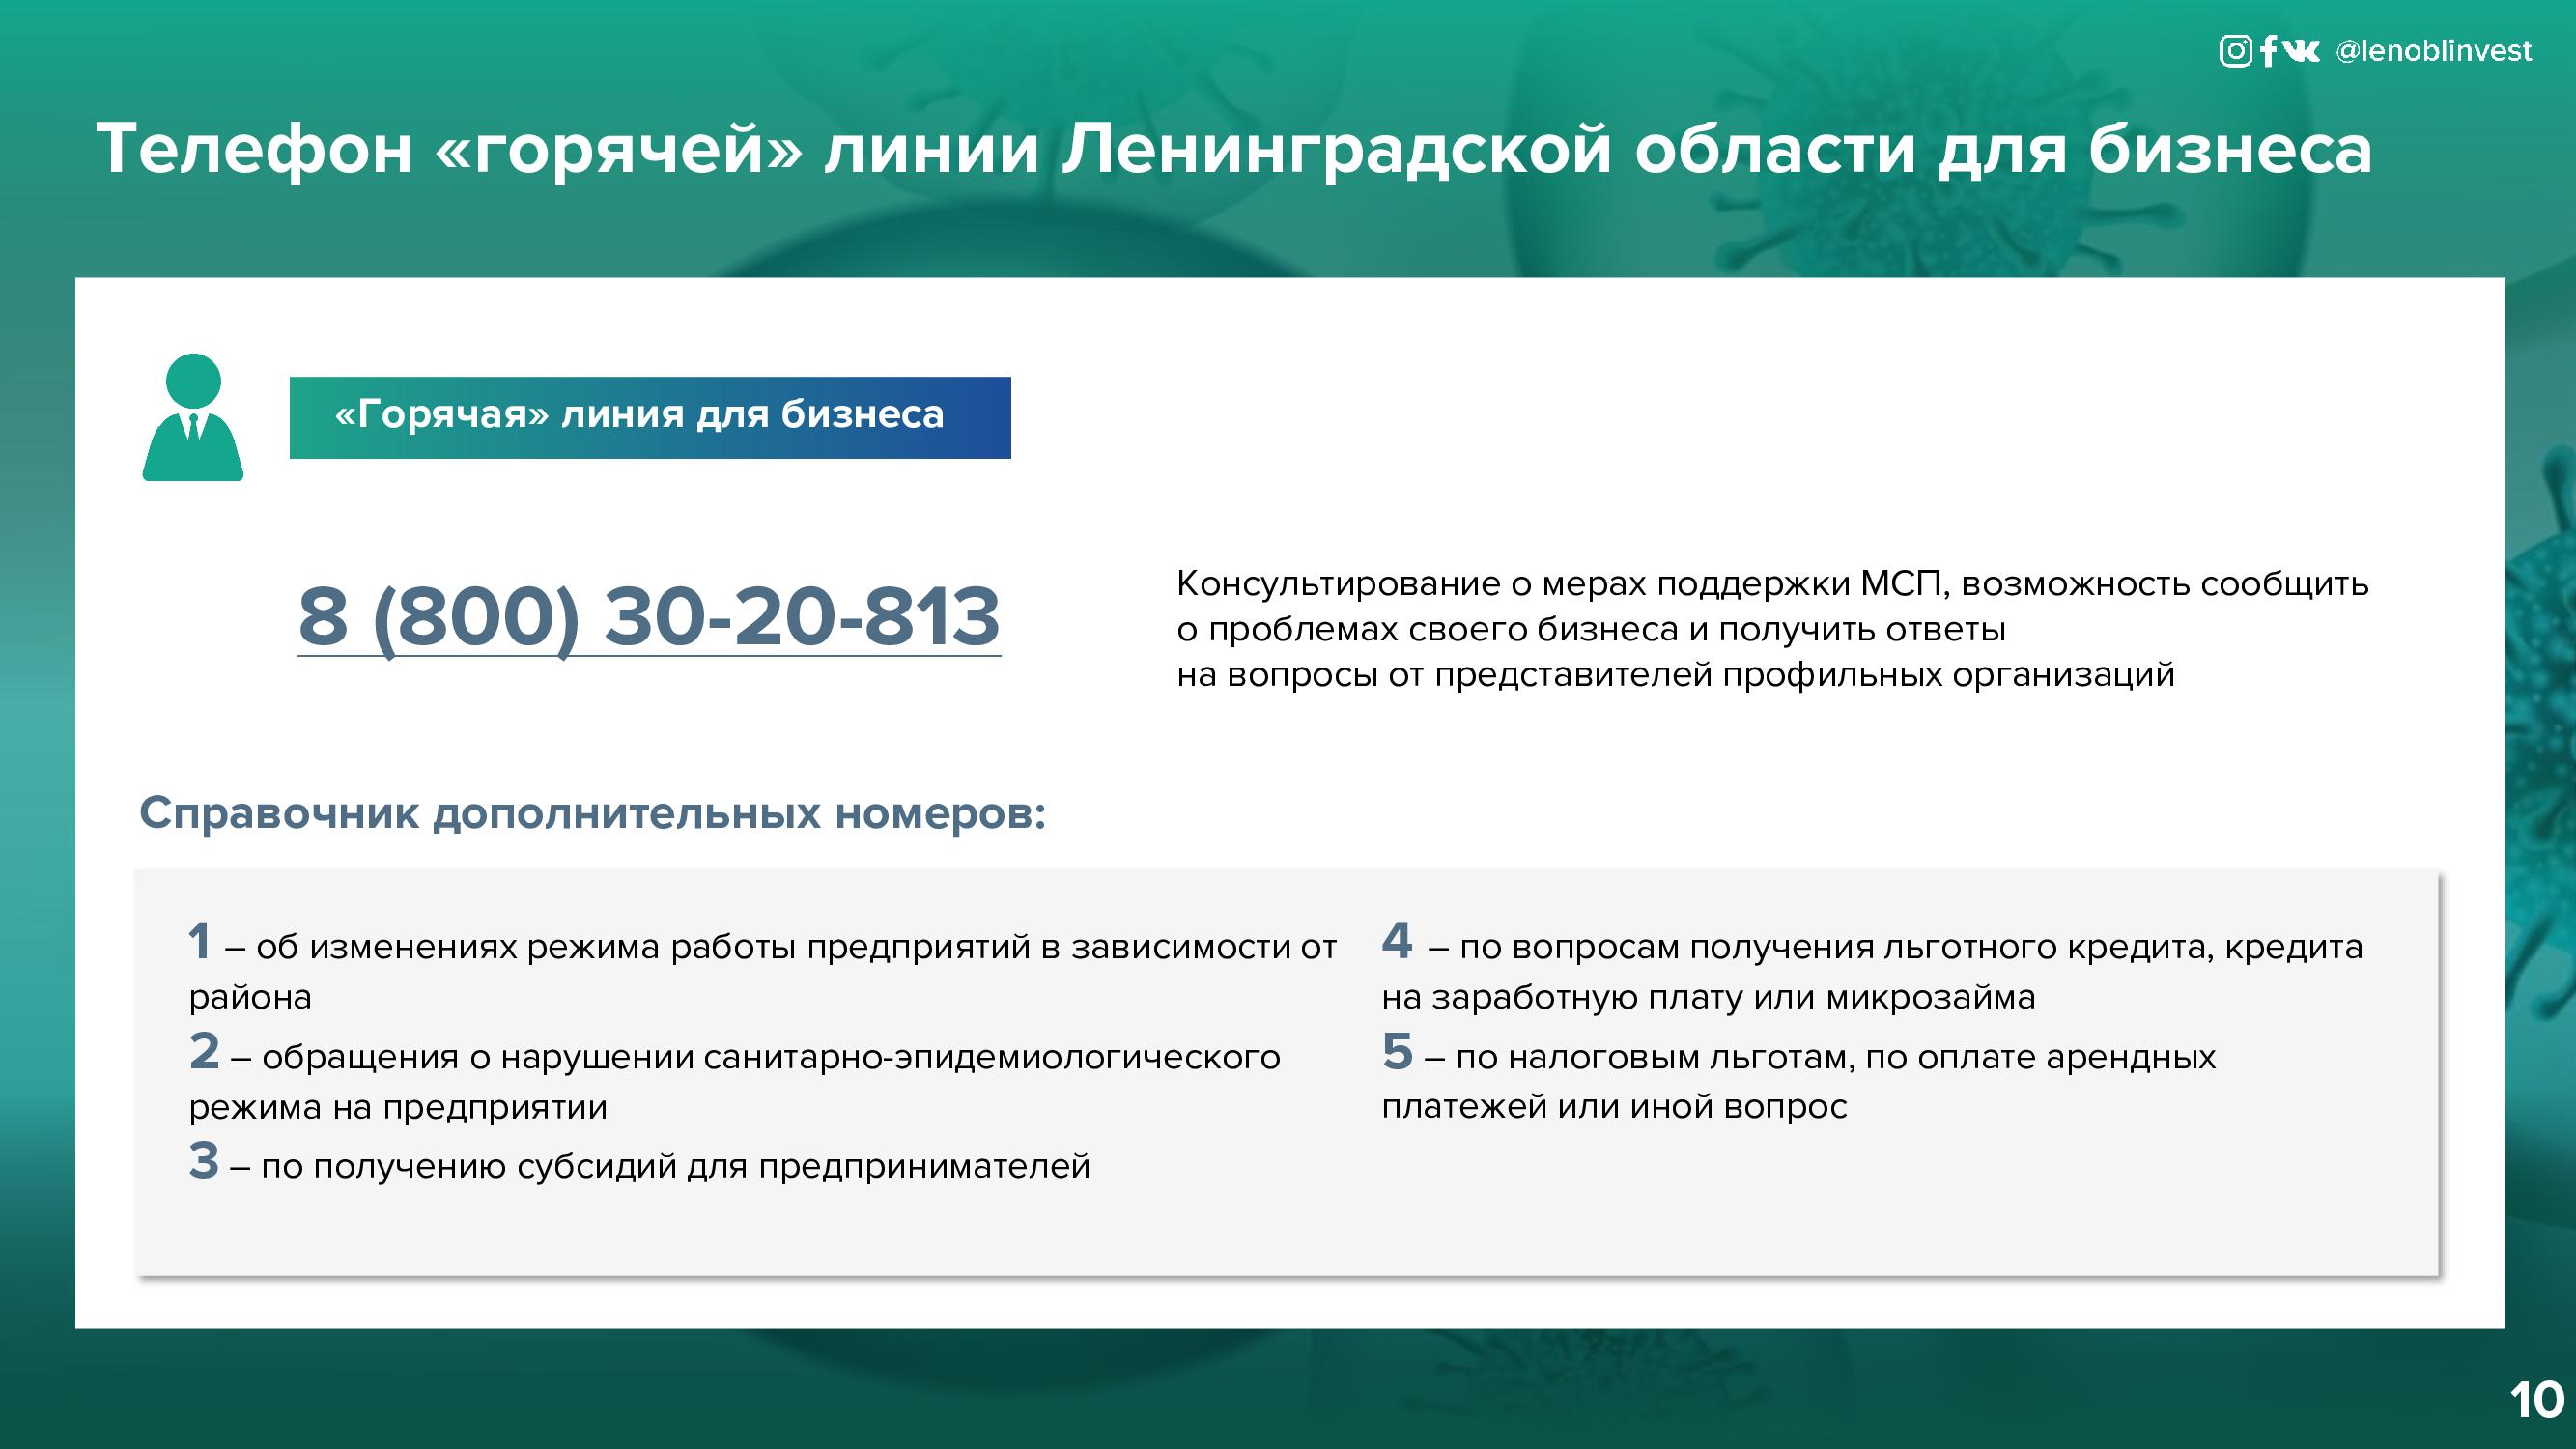 Региональные и федеральные меры поддержки_page-0010.jpg